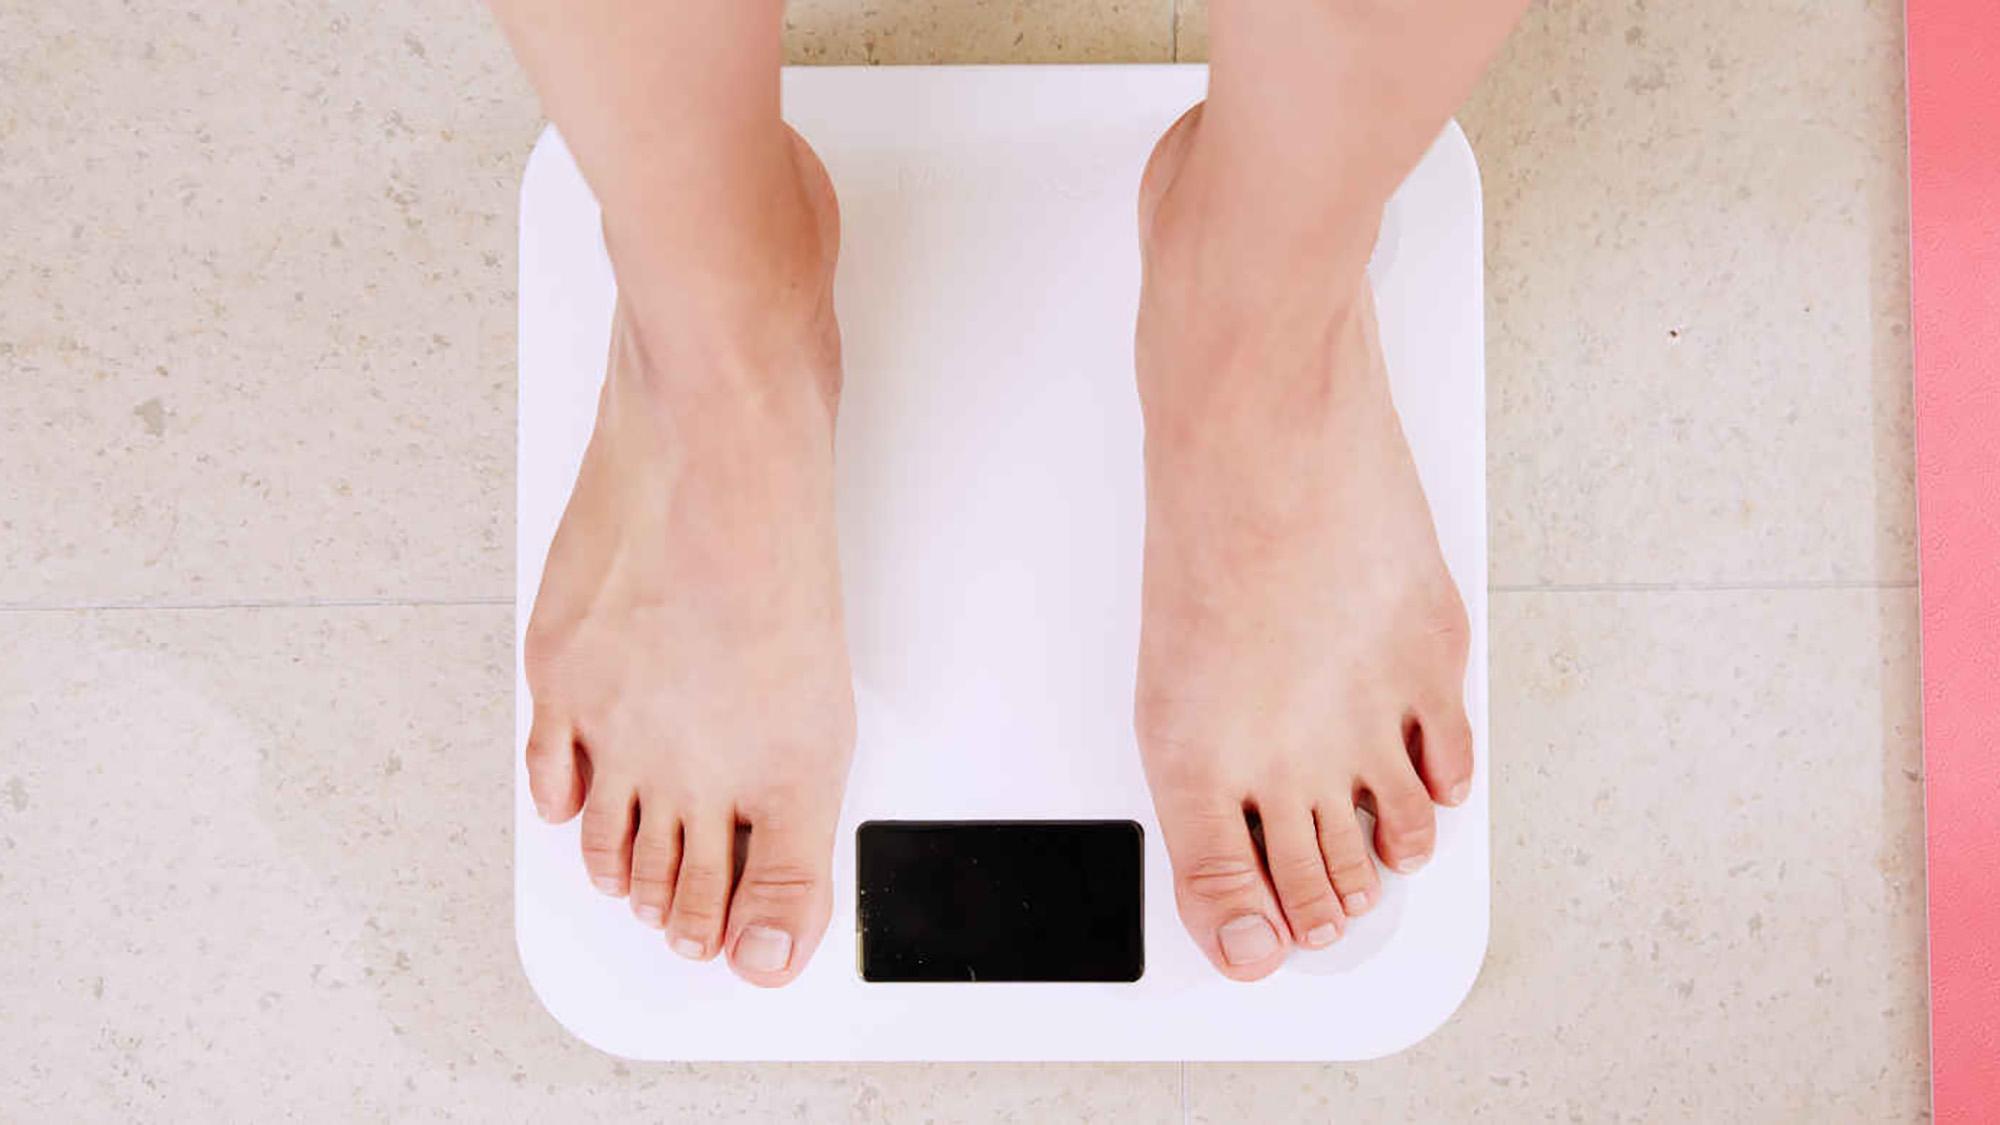 L'acceleració del declivi de la funció pulmonar es dona en qualsevol persona adulta que guanyi pes, independentment del seu índex de massa corporal. | Imatge de I Yunmai a Unsplash.